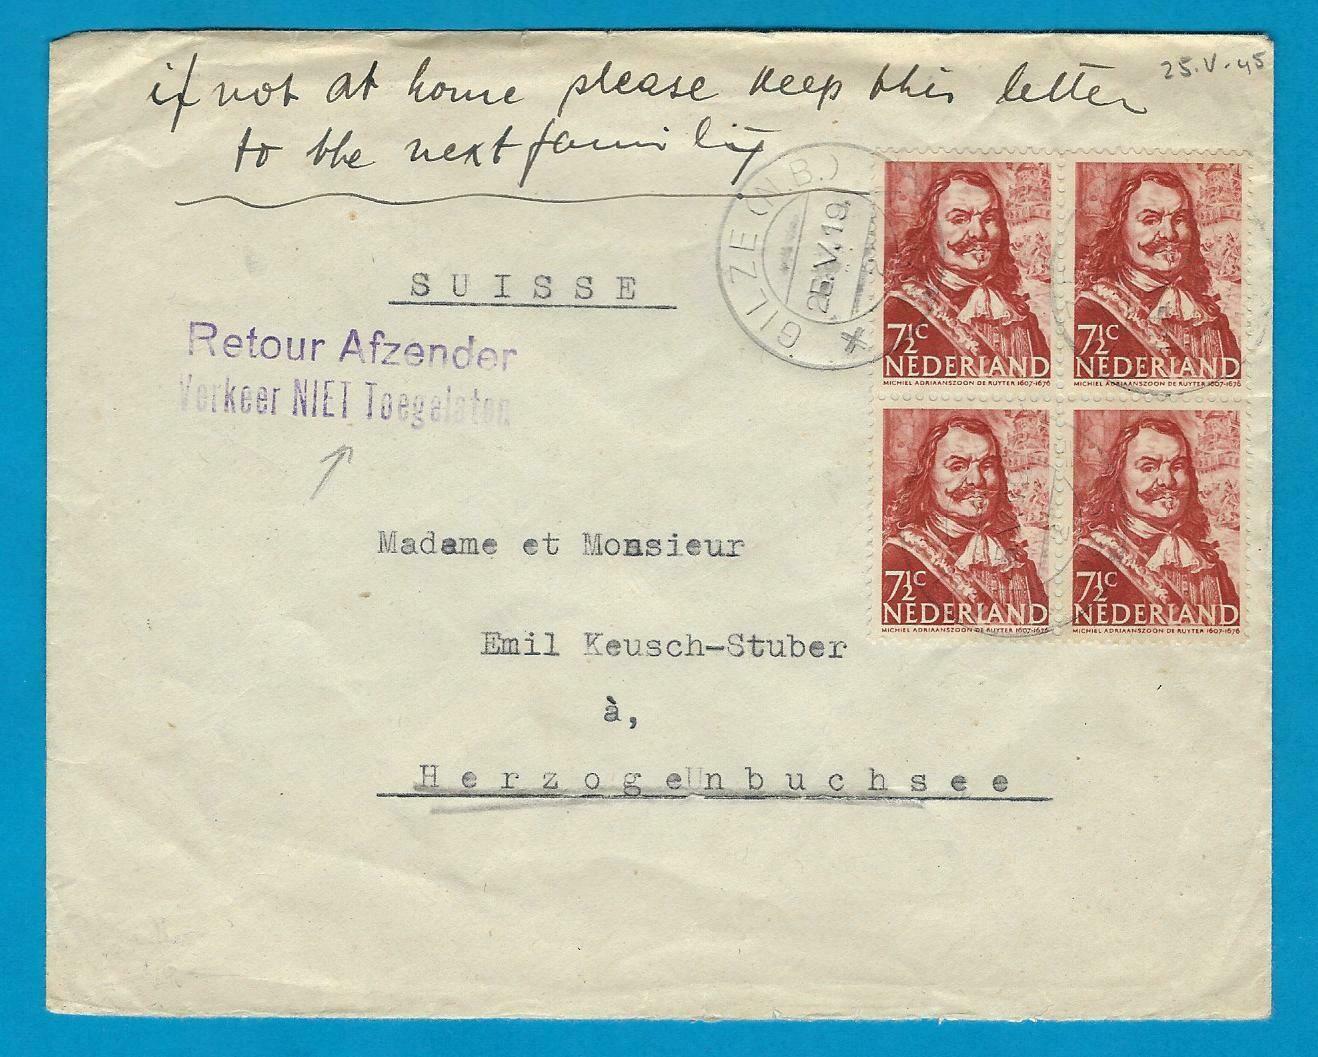 """NEDERLAND brief 25-V-1945 Gilze """"Retour Afzender..."""""""